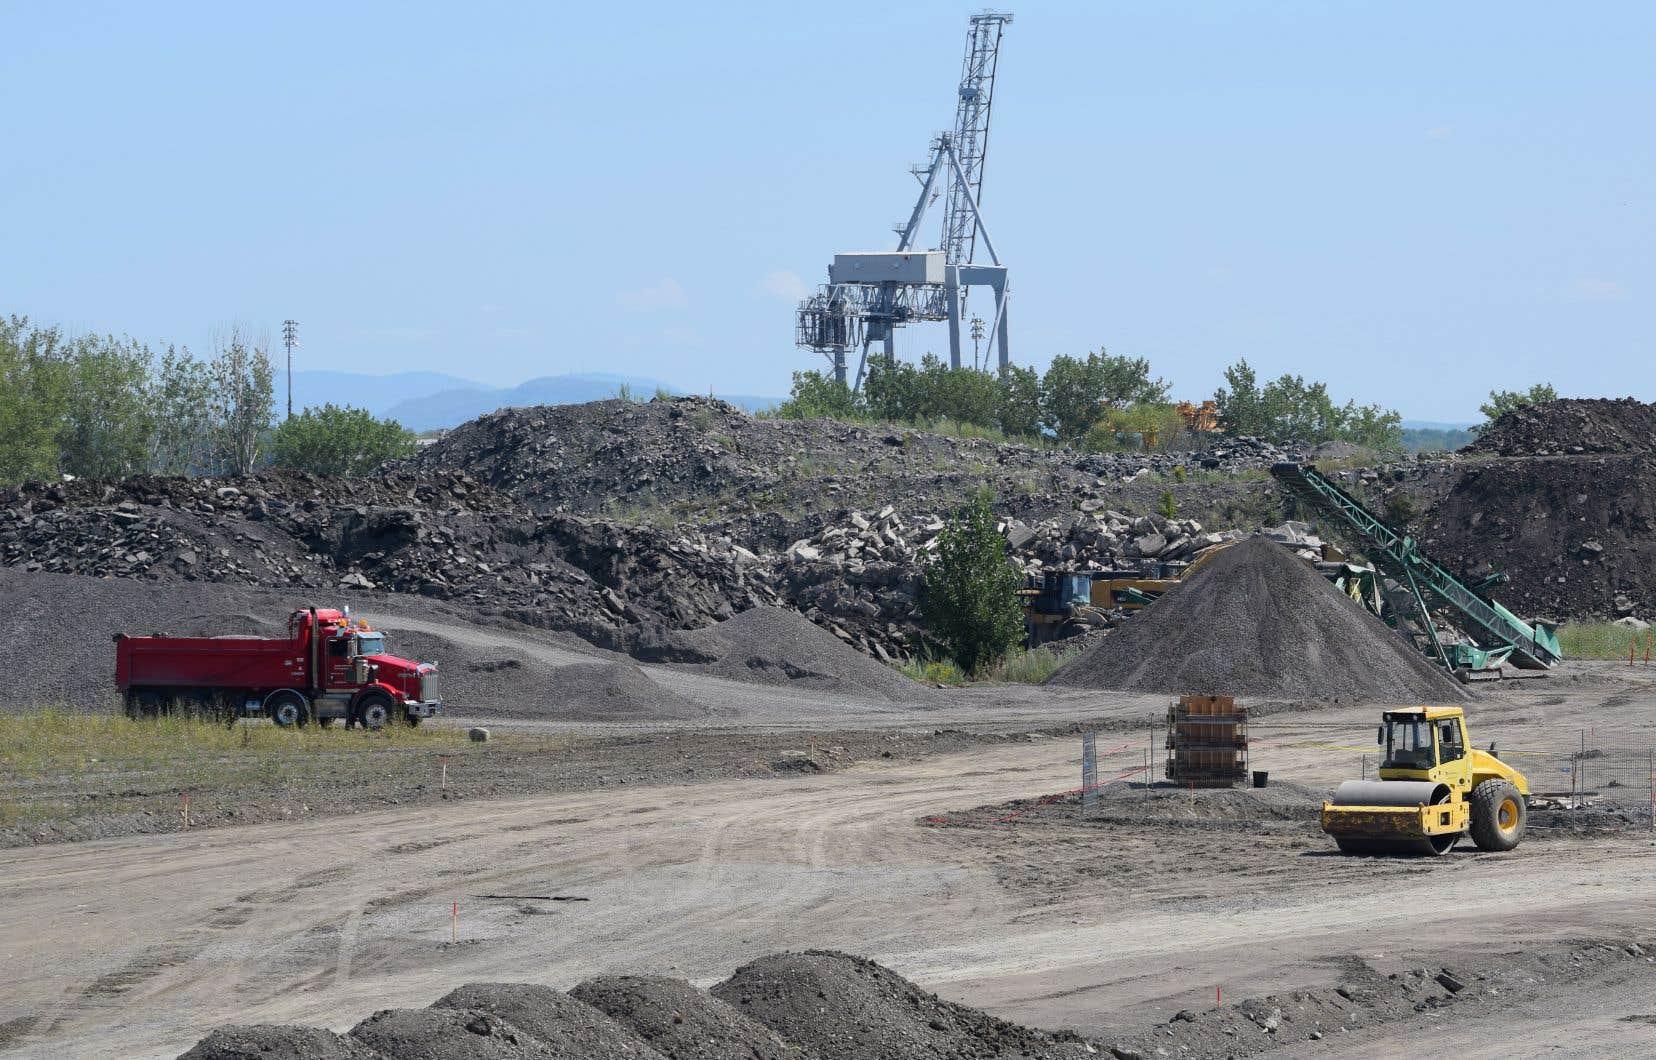 Ray-Mont Logistiques a entrepris récemment des travaux de «réhabilitation» sur son site. Il compte recouvrir des sols contaminés en asphaltant une partie du terrain sur lequel des citoyens réclament la création d'un «parc nature».